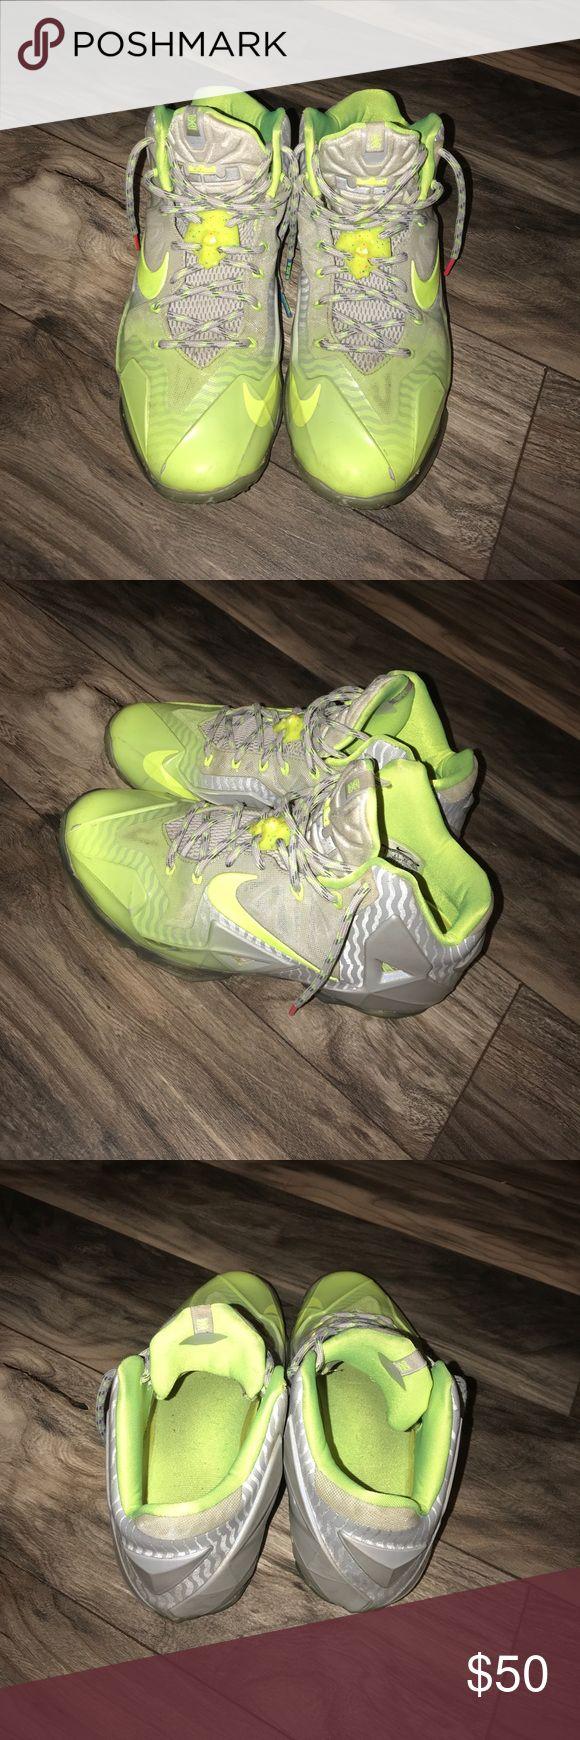 lebron 11 nsw lifestyle baseball shoes size 7